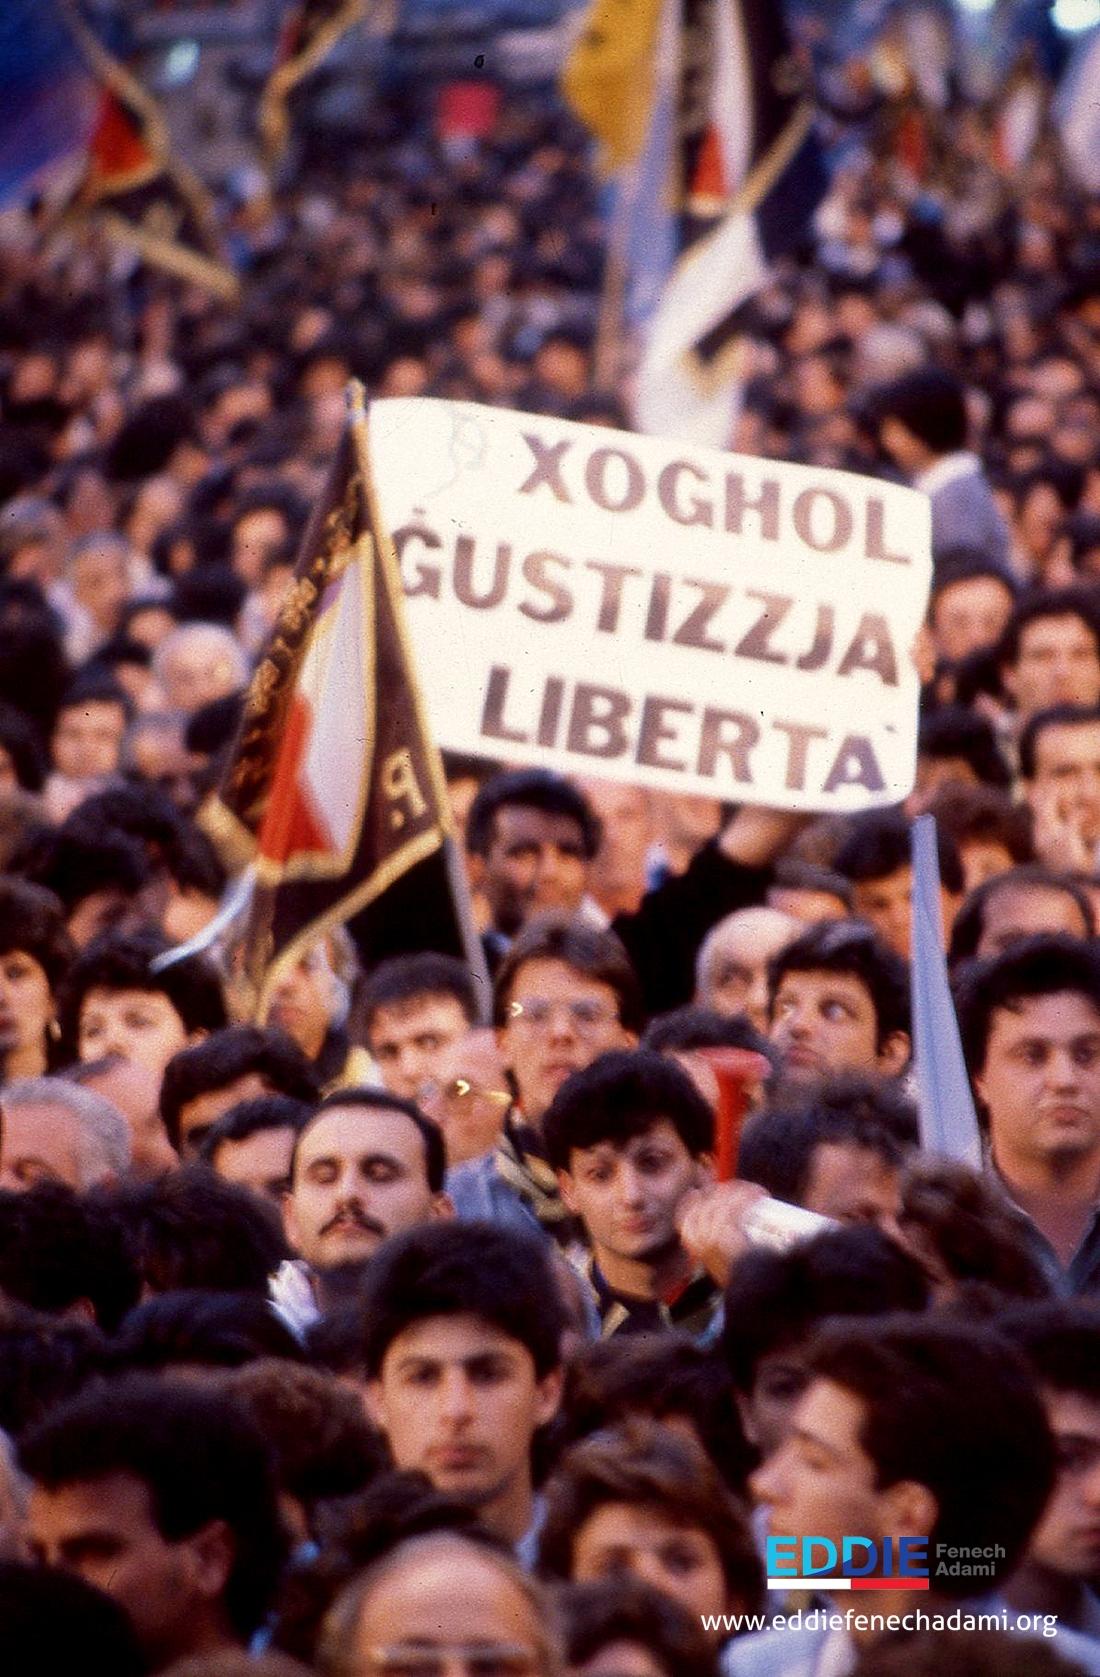 www.eddiefenechadami.org0167